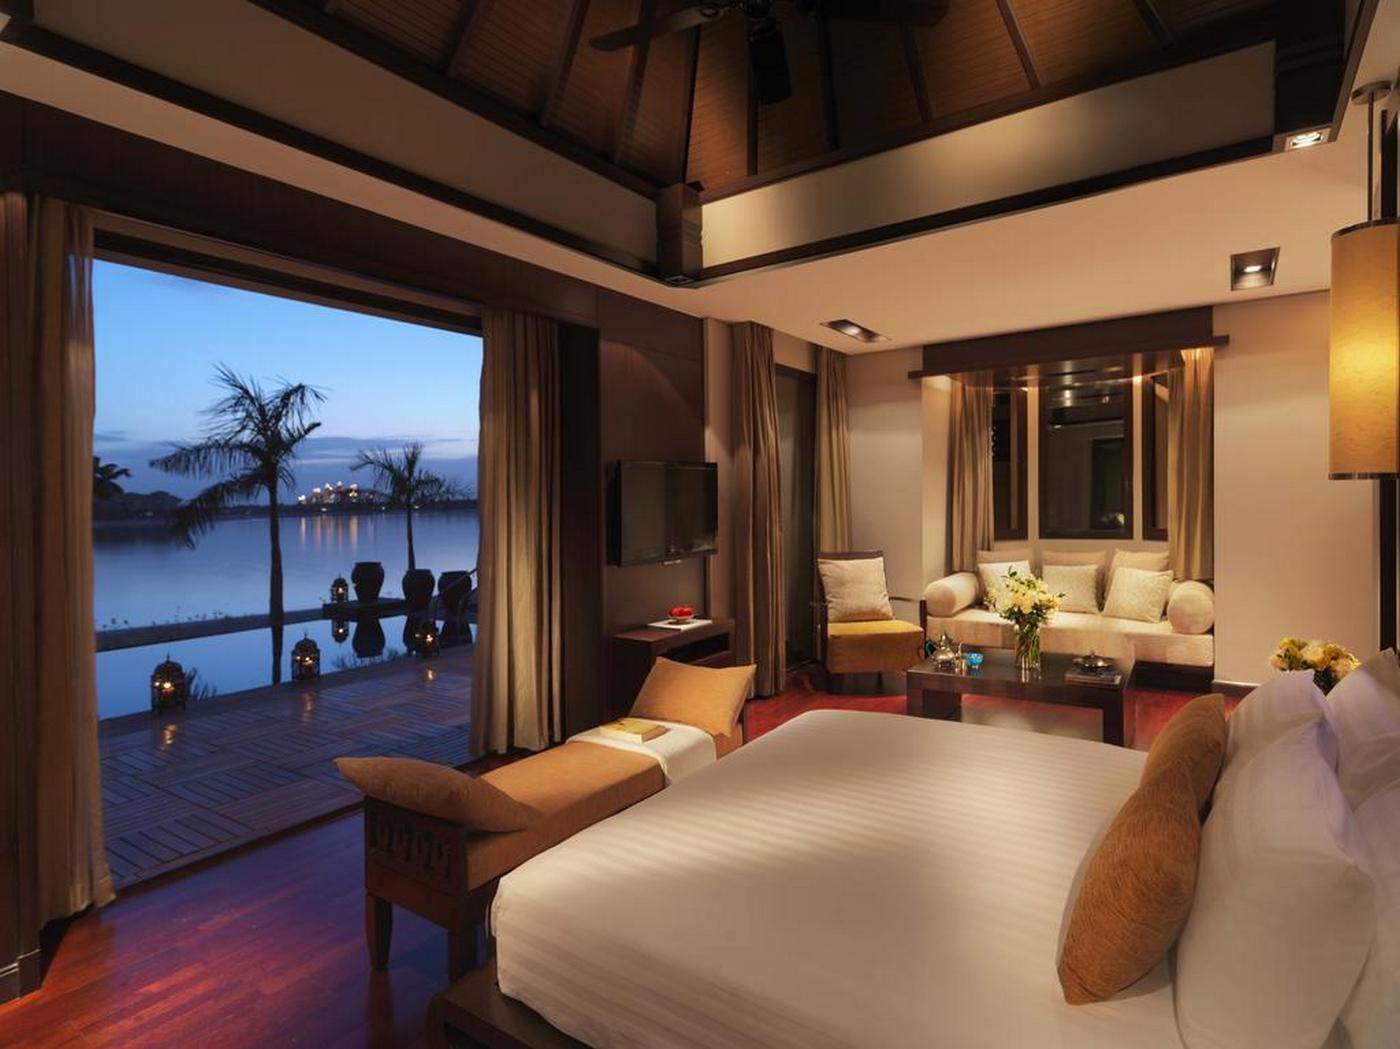 Palms One Bedroom Suite Suite Of The Week One Bedroom Beach Pool Villa At Anantara The